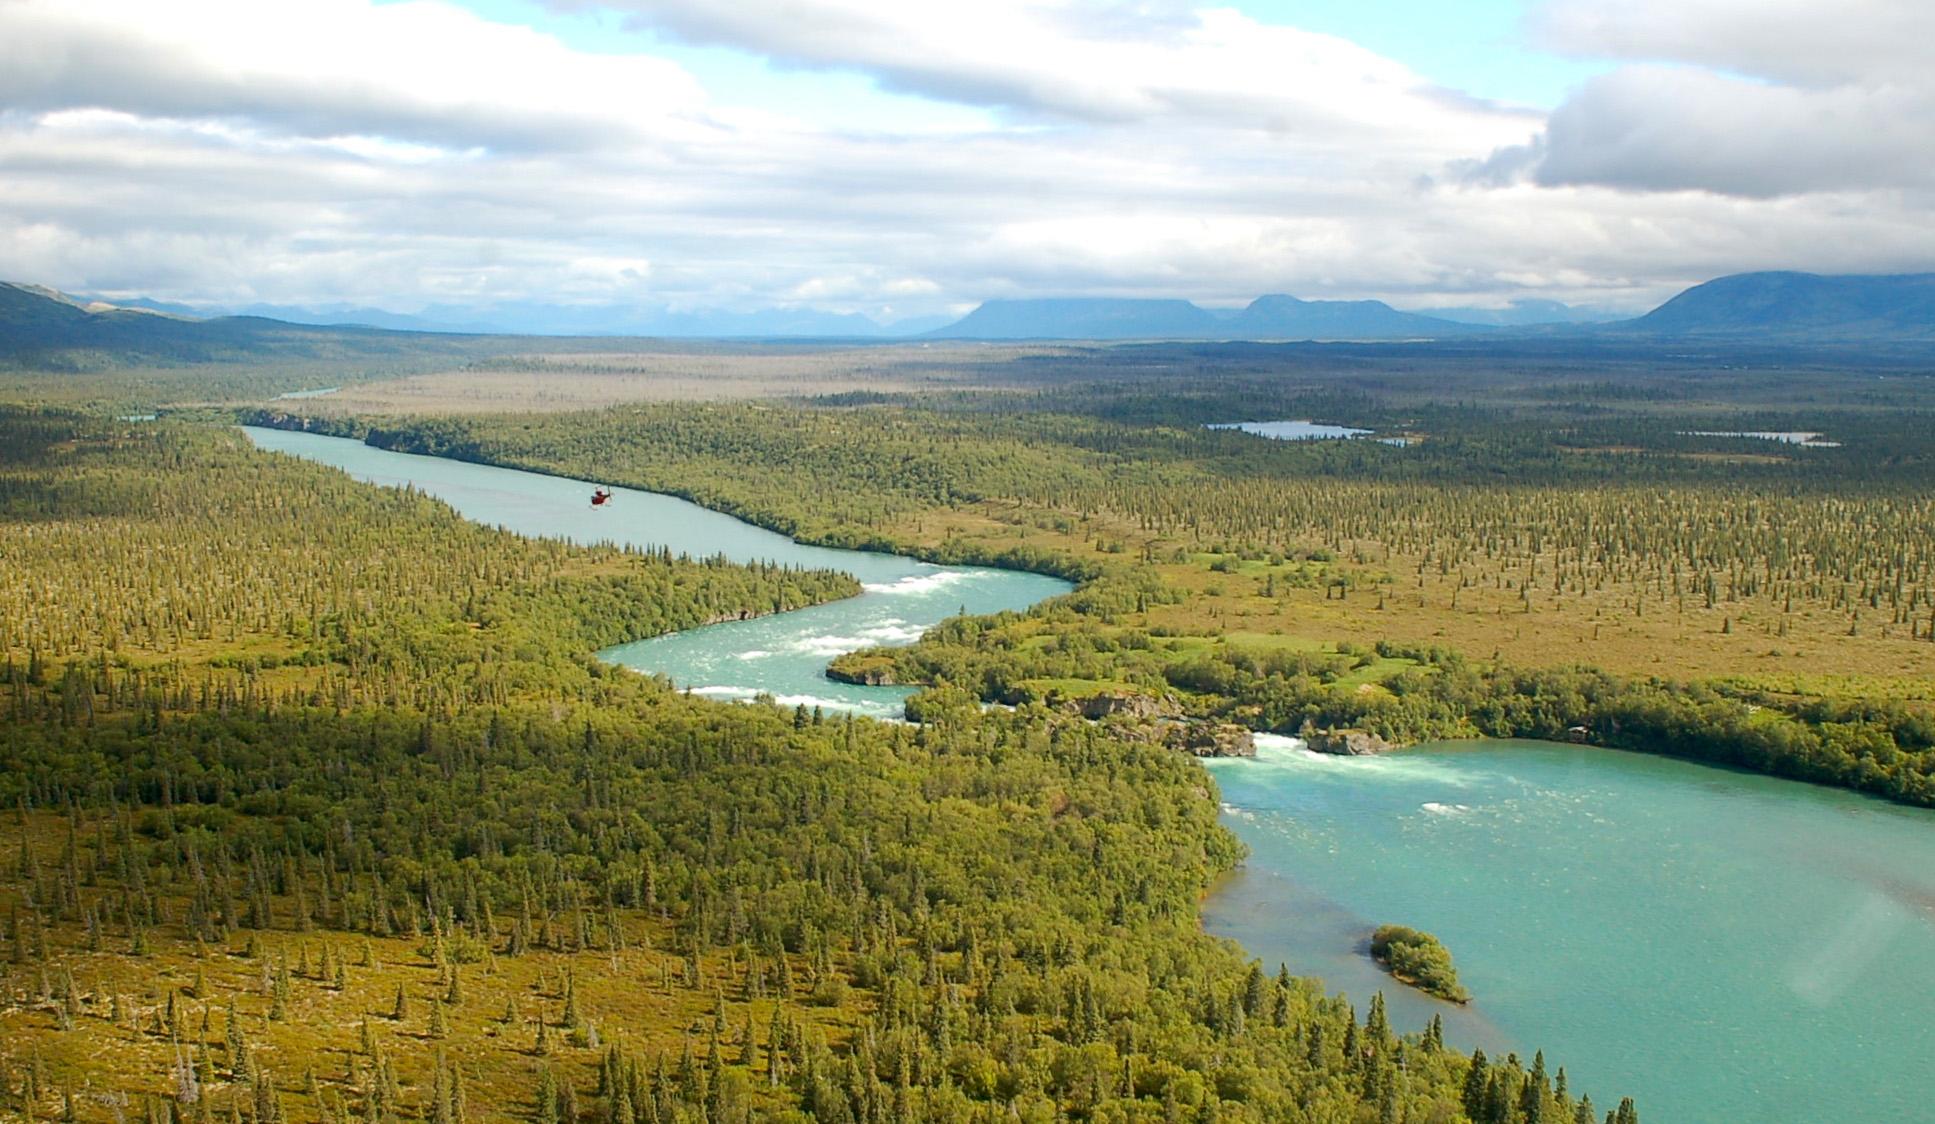 Newhalen River